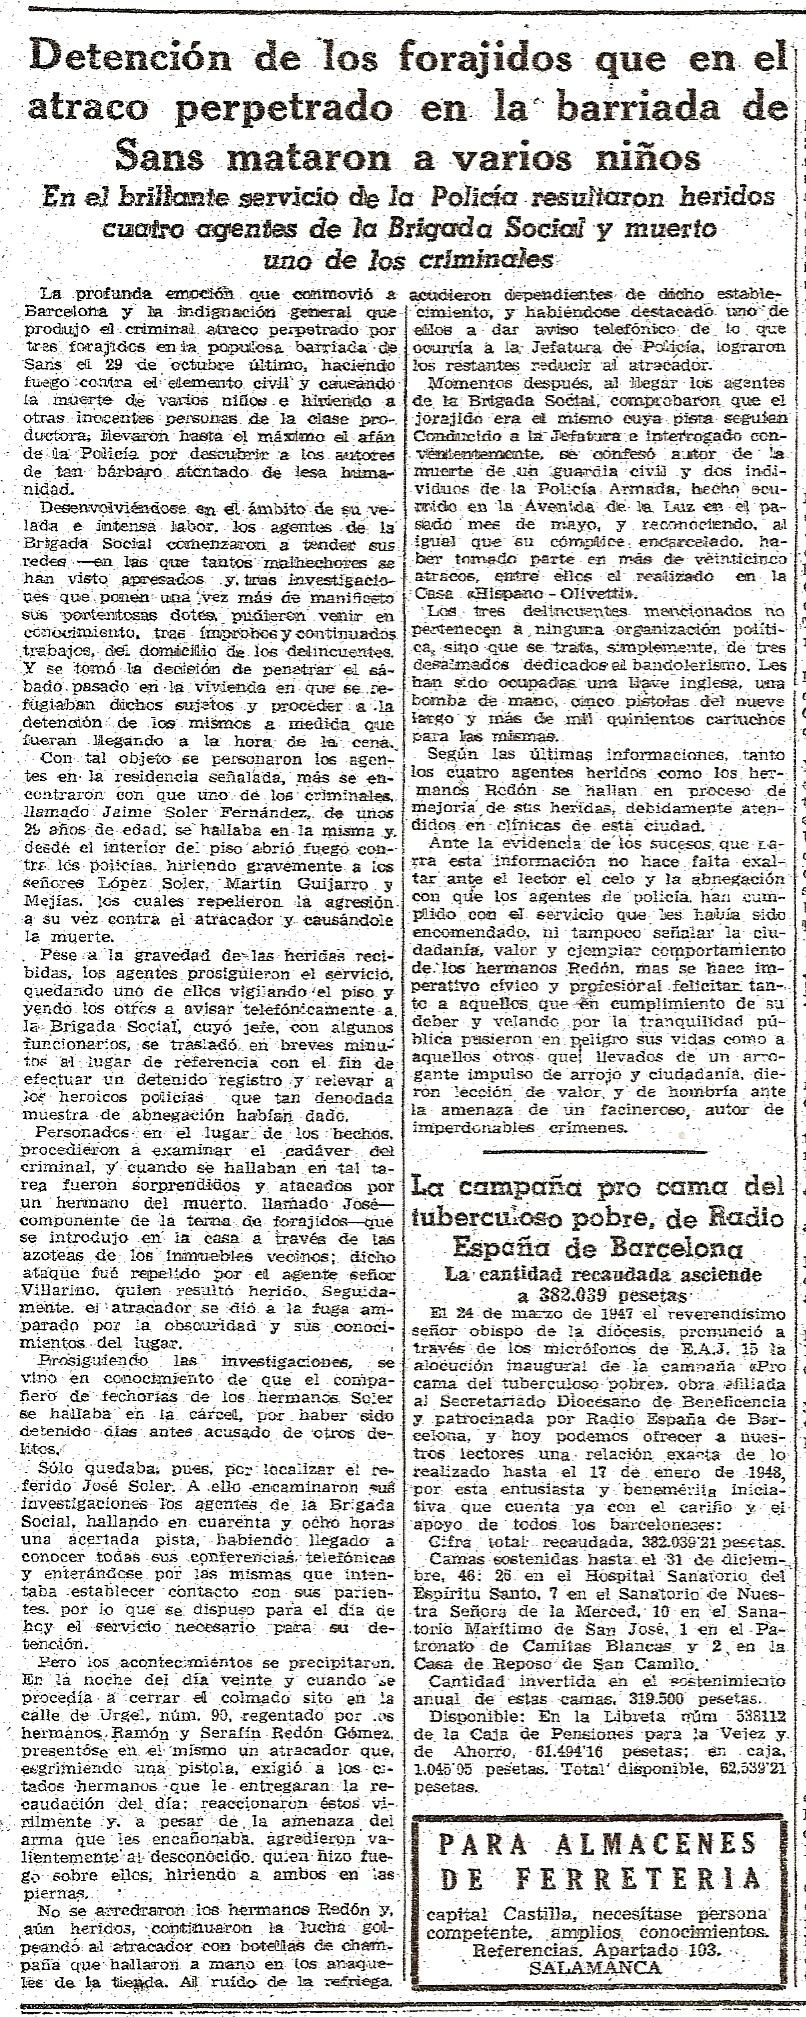 Noticia aparecida en La Vanguardia el 22 de enero de 1948.